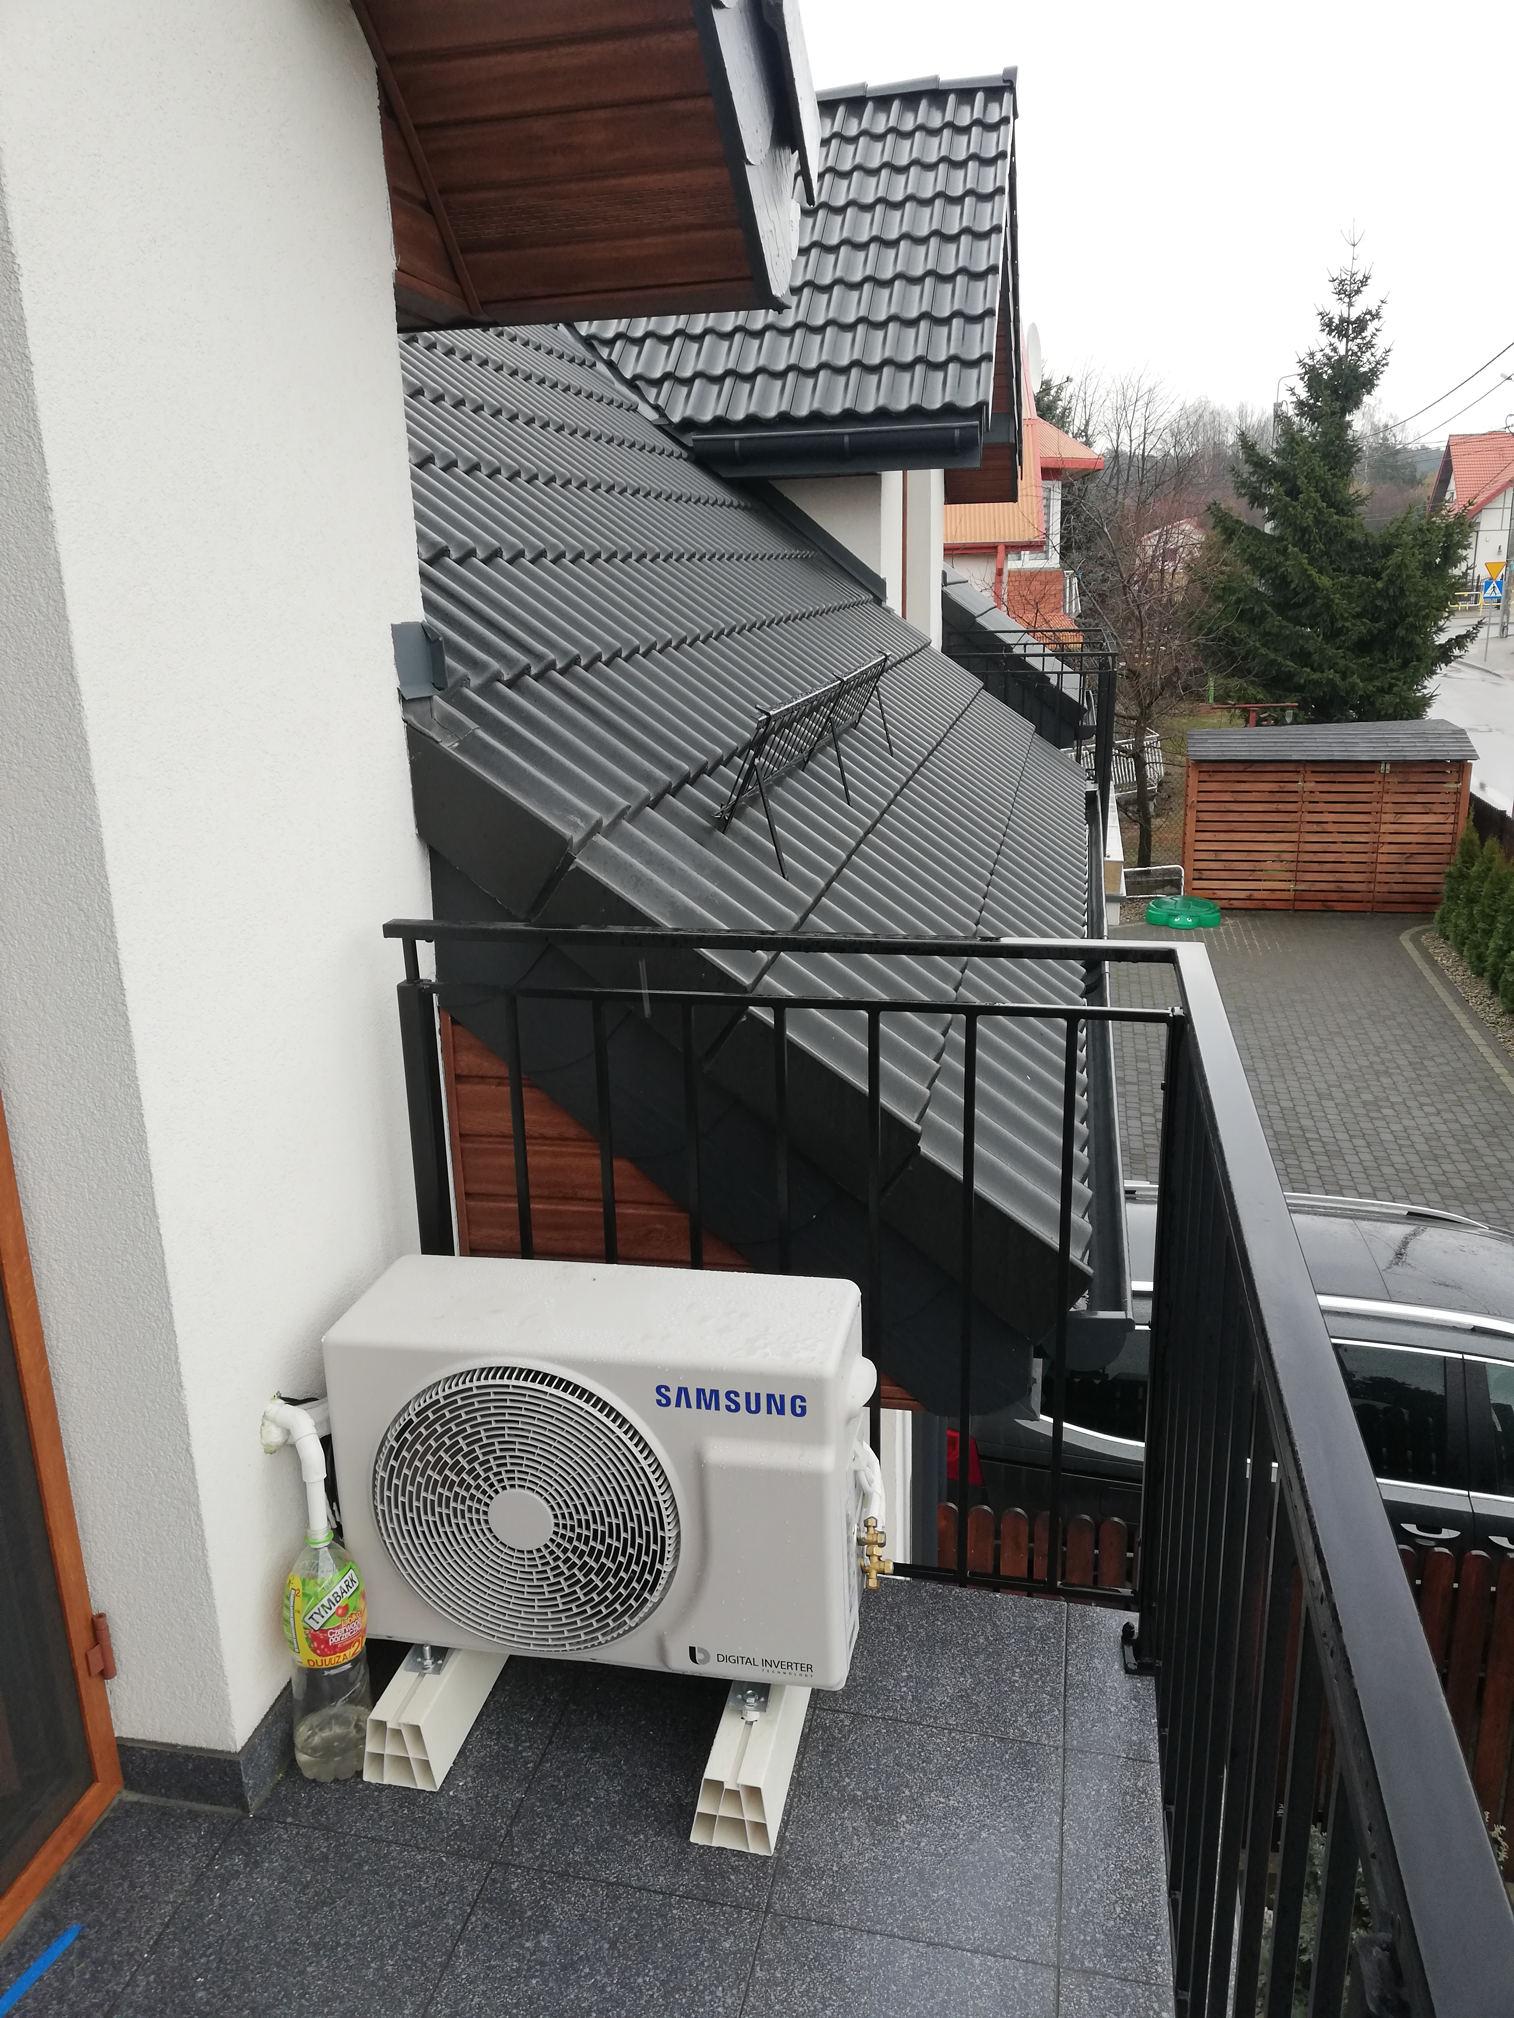 realizacja-jednostka-zewnętrzna-klimatyzator-samsung-eco-balkon